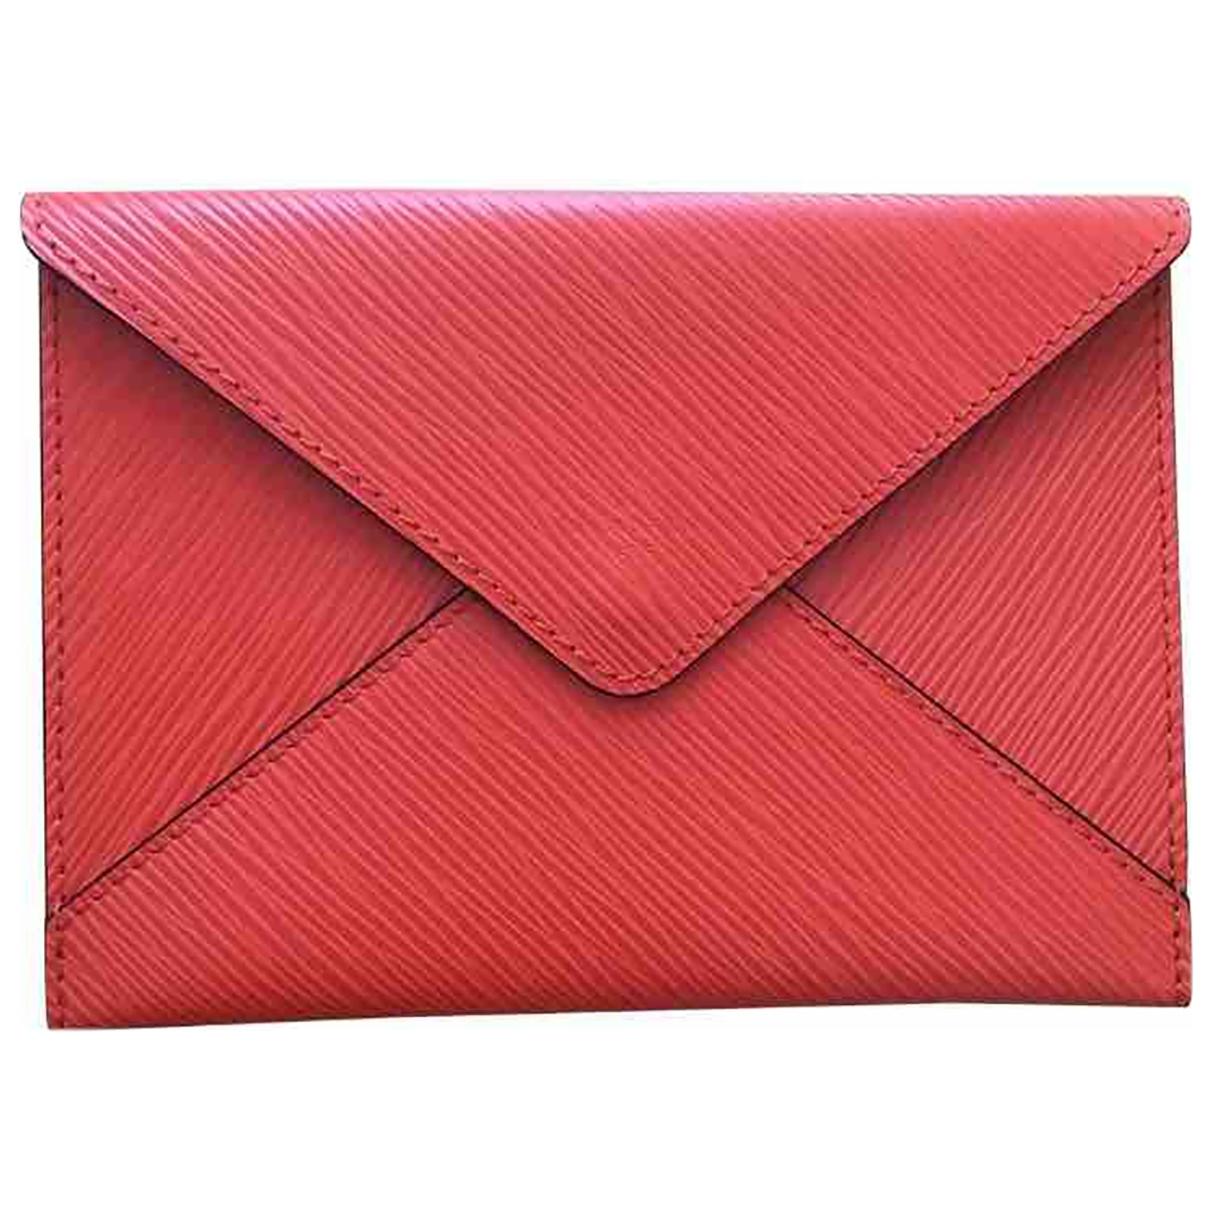 Louis Vuitton - Pochette   pour femme en cuir - orange